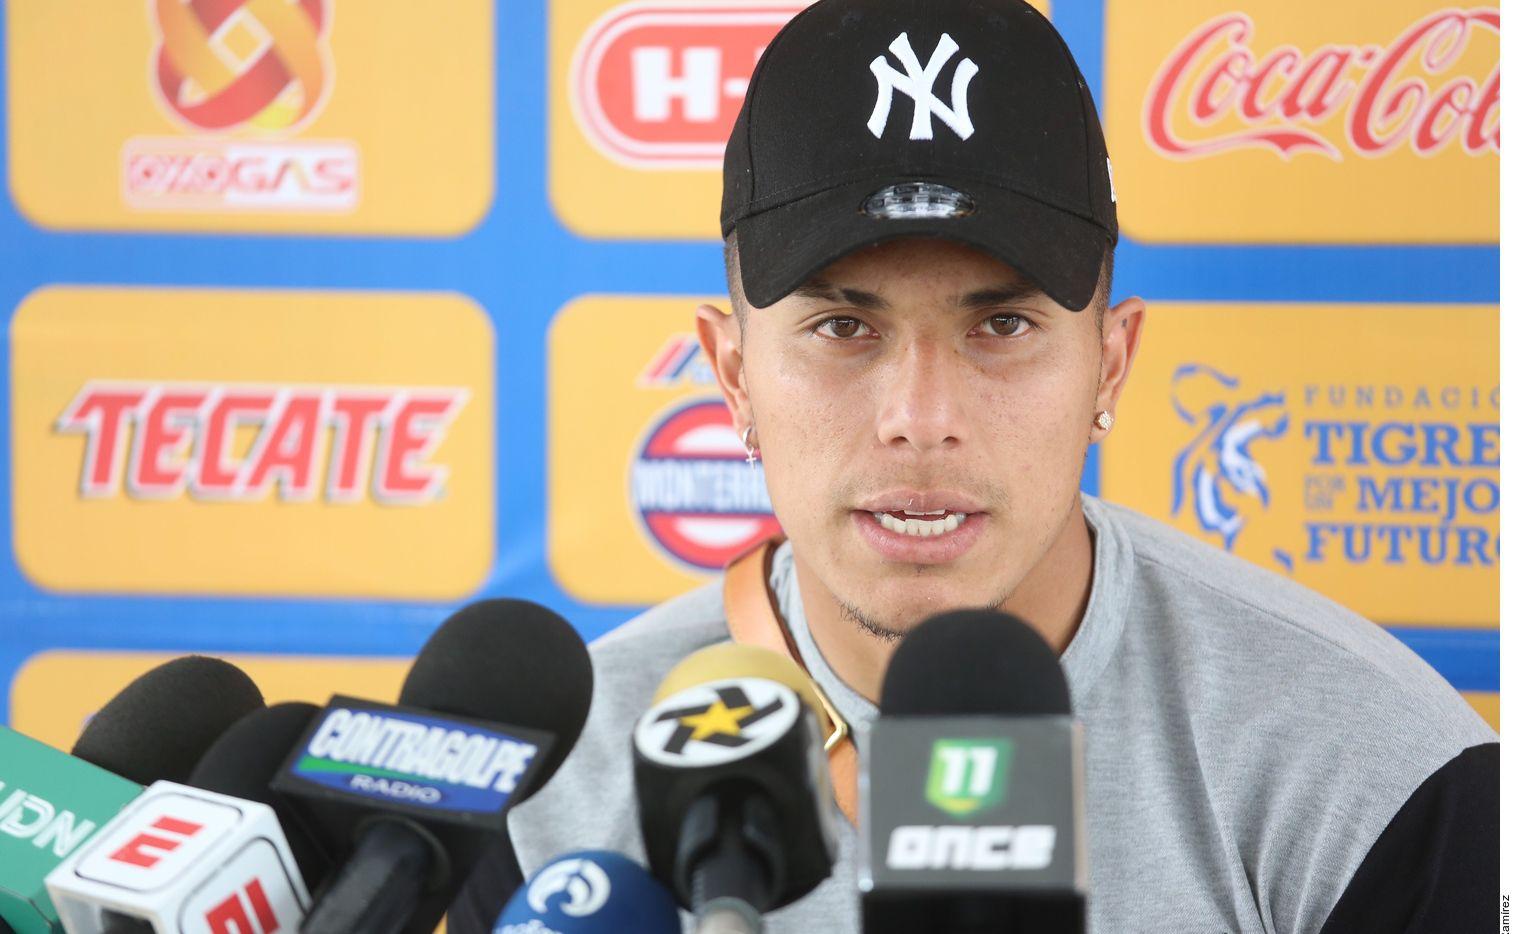 Carlos Salcedo destaca la unión de Tigres en algunos momentos clave; espera que en la Liguilla eso se vea.